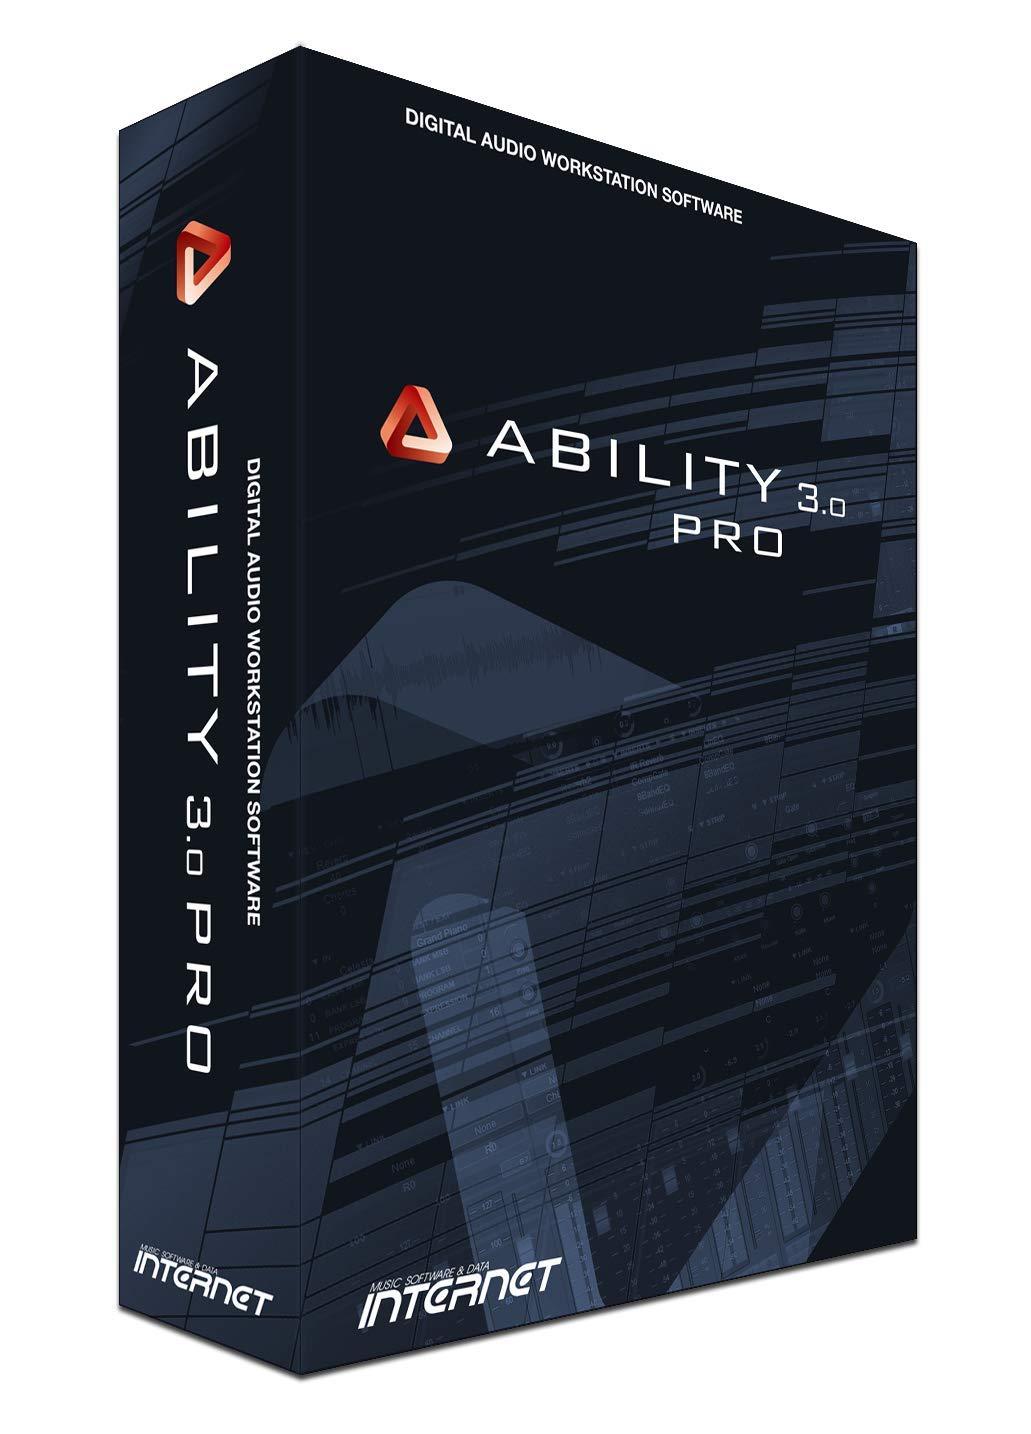 ABILITY 3.0 Pro 通常版  B07TC8NJBV